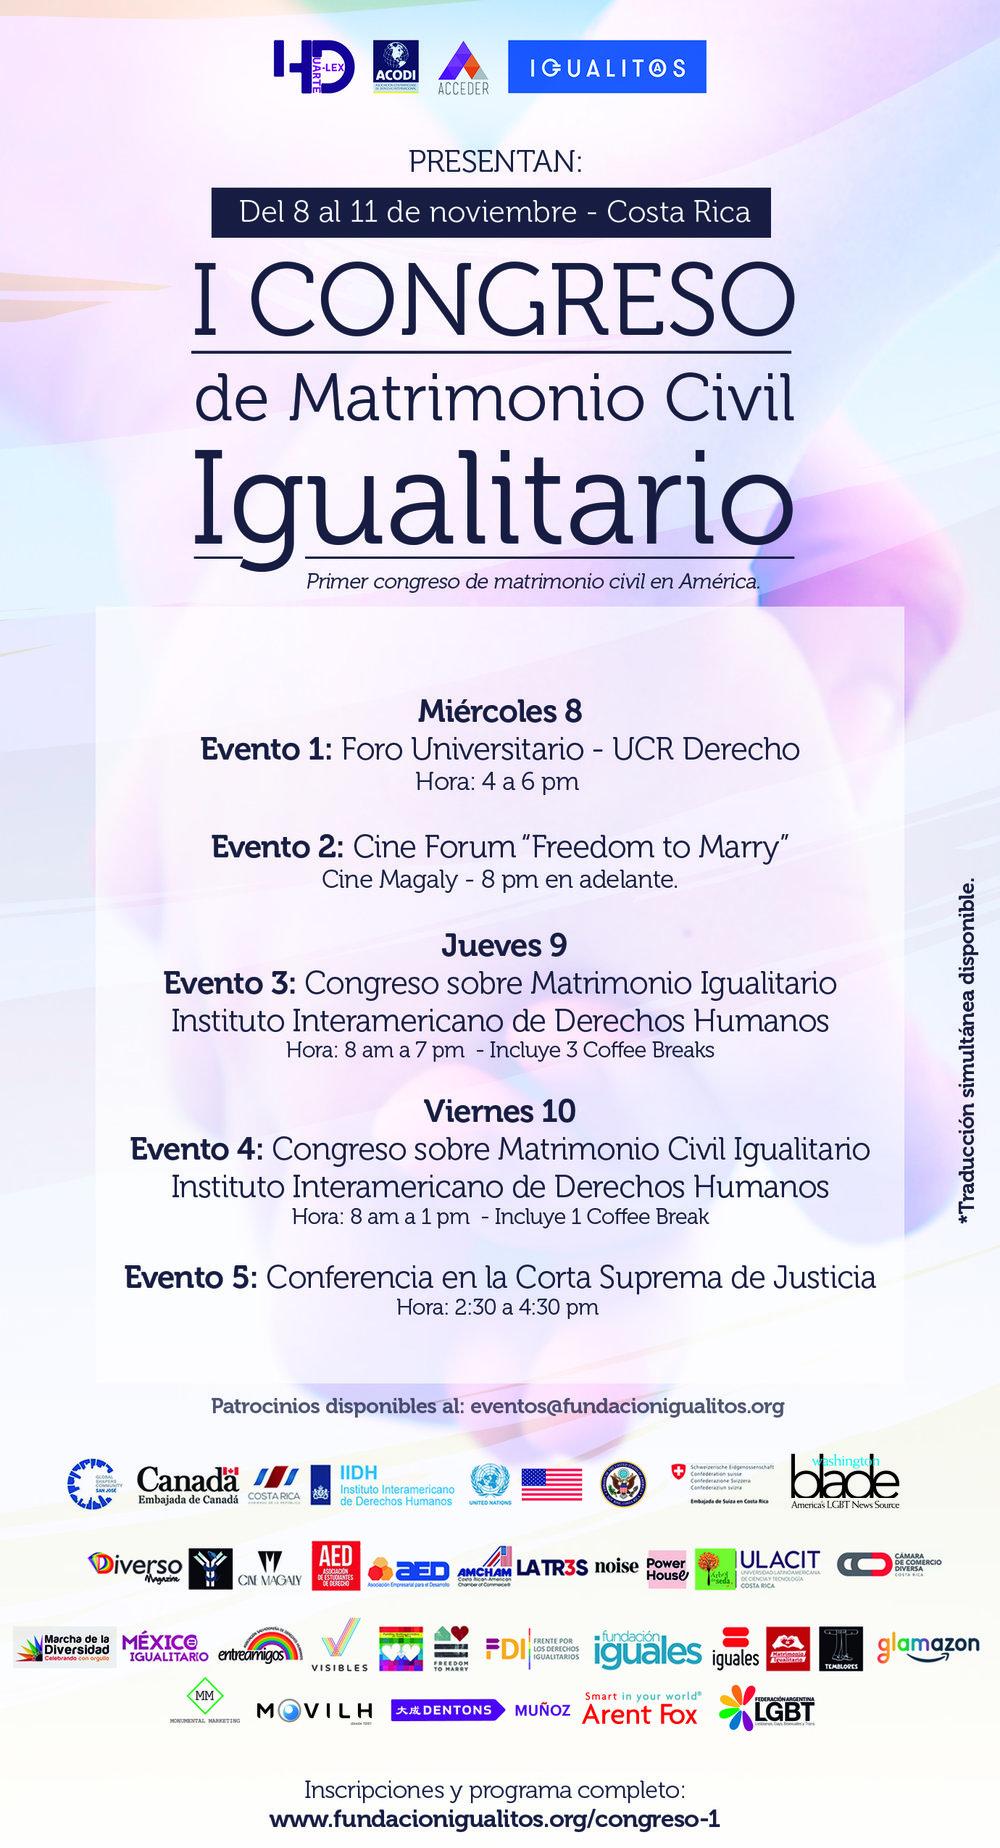 Congreso-de-Matrimonio-Civil-Igualitario-Costa-Rica-Herman-Duarte-IGualitos-Hduarte-Lex-Naciones-Unidas-Freedom-To-Marry